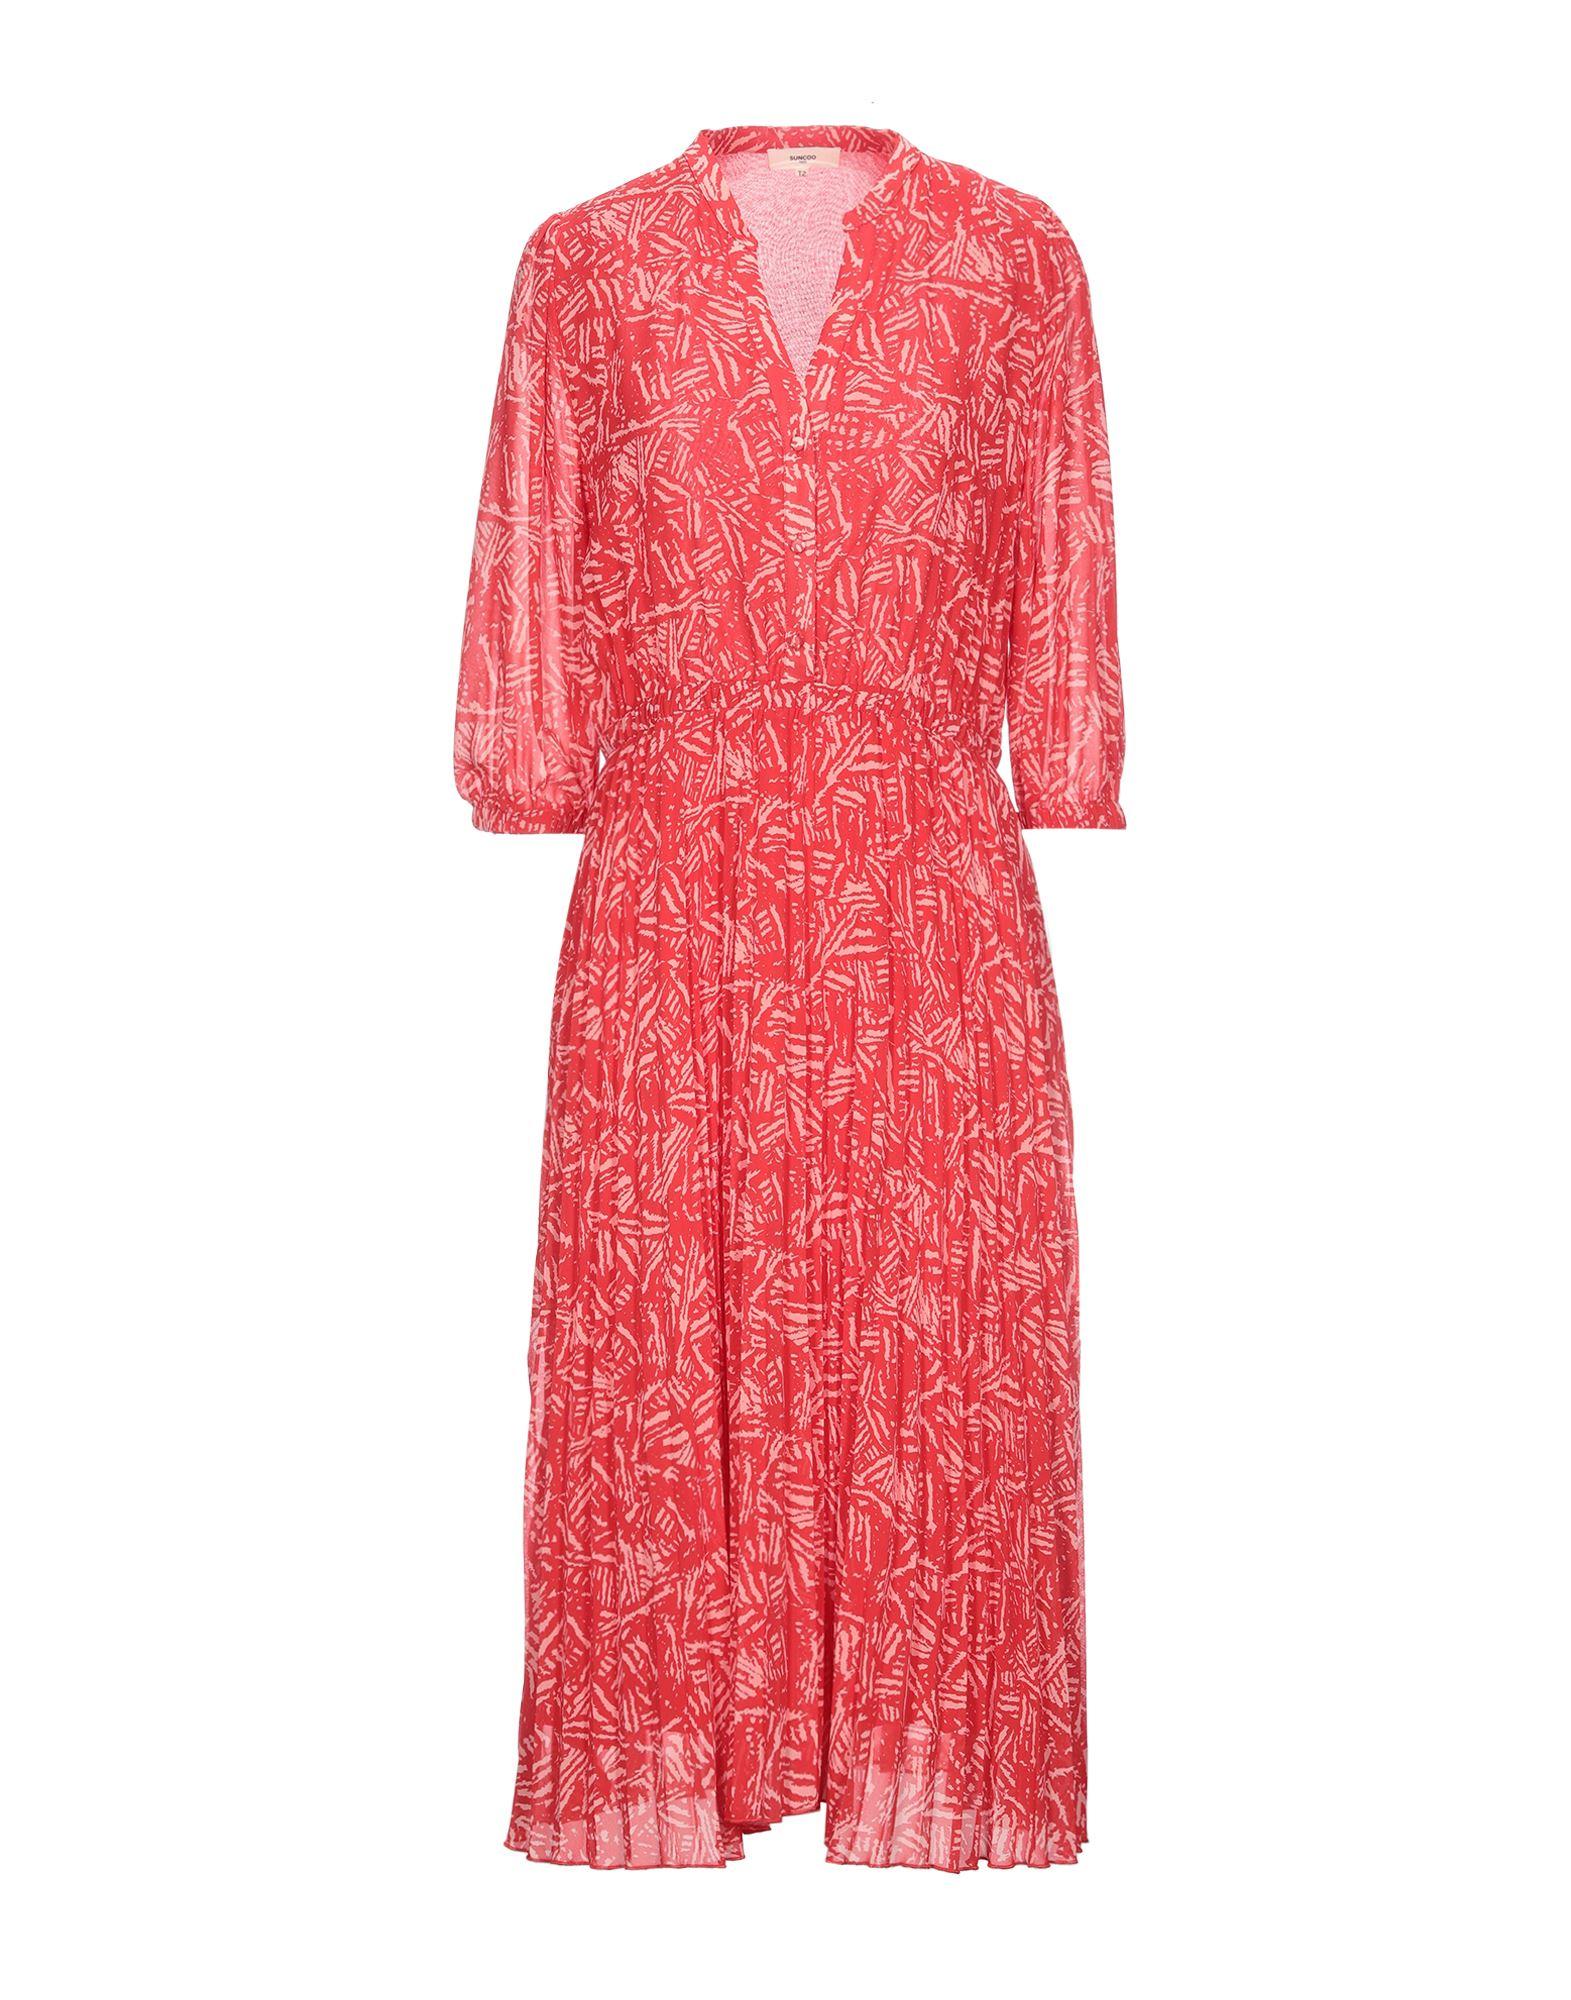 SUNCOO Платье длиной 3/4 vionnet платье длиной 3 4